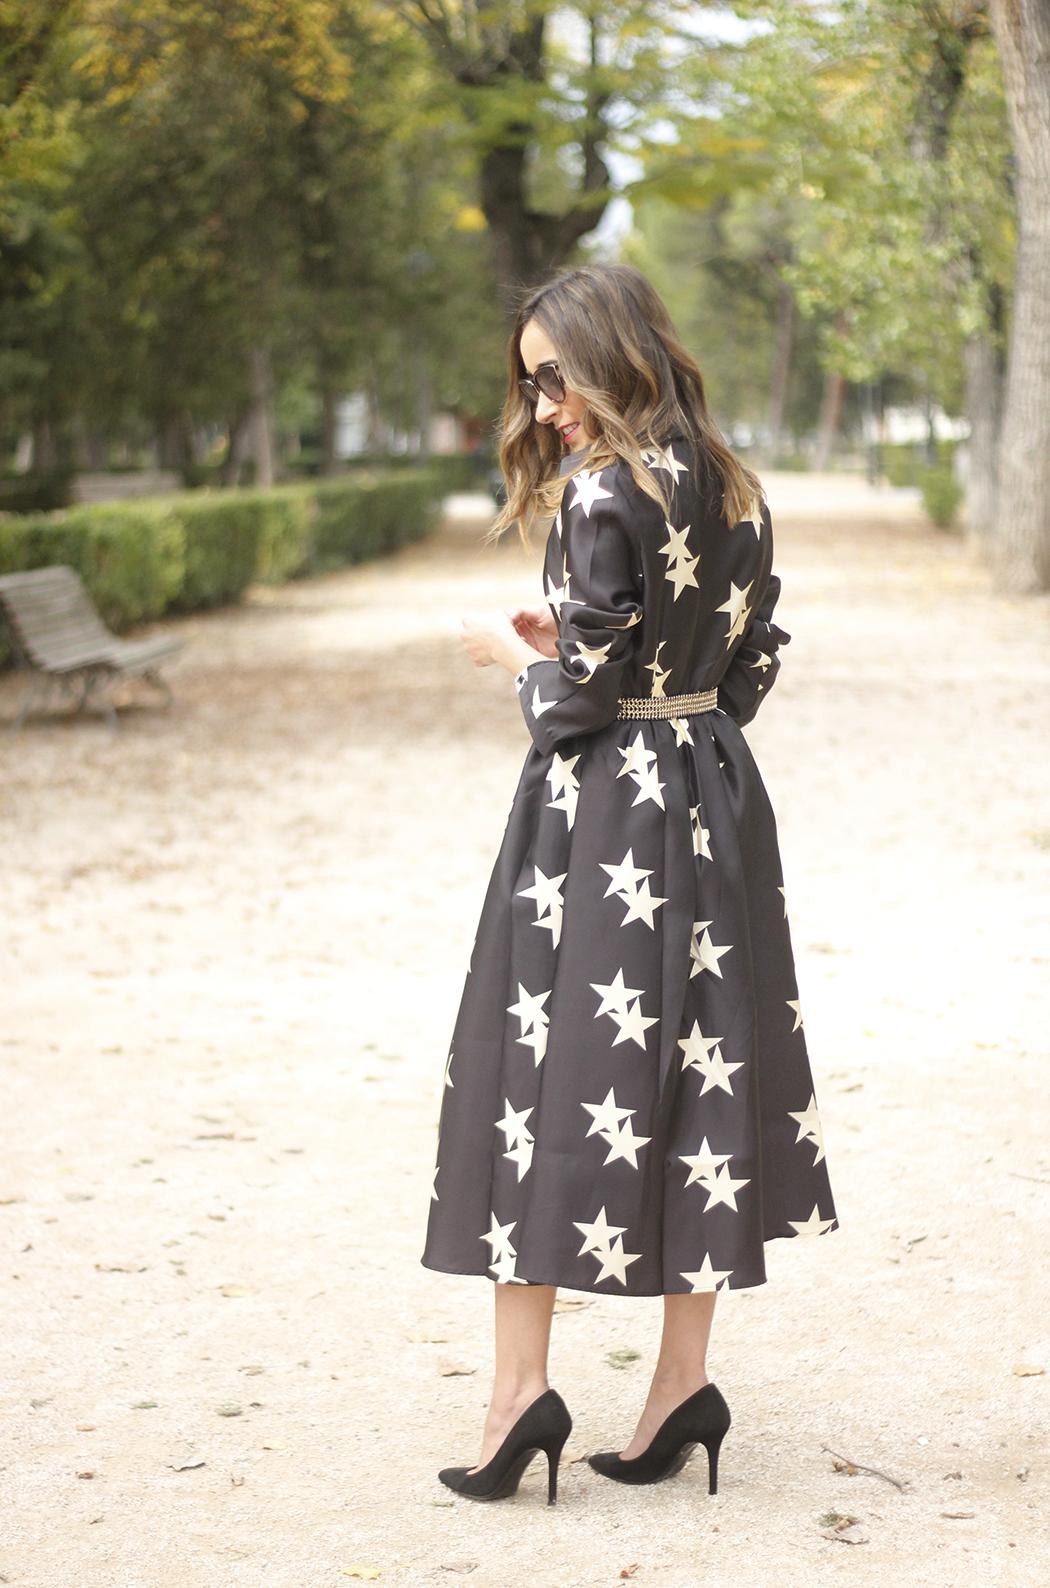 Star Print Dress sunnies heels outfit14